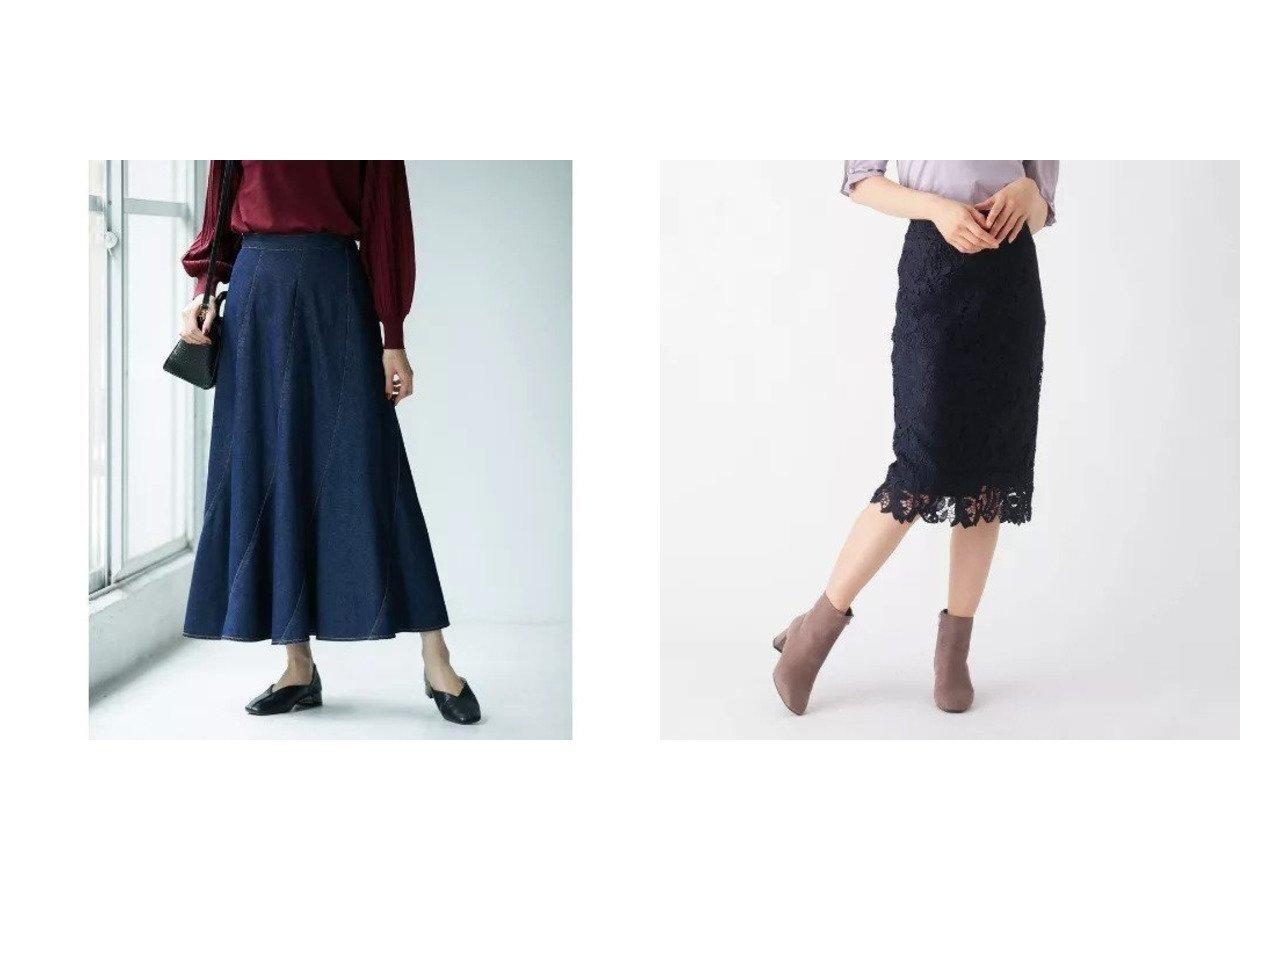 【INDEX/インデックス】のリーフレースタイトスカート&【ROPE' PICNIC/ロペピクニック】のエスカルゴデニムスカート 【スカート】おすすめ!人気、トレンド・レディースファッションの通販 おすすめで人気の流行・トレンド、ファッションの通販商品 インテリア・家具・メンズファッション・キッズファッション・レディースファッション・服の通販 founy(ファニー) https://founy.com/ ファッション Fashion レディースファッション WOMEN スカート Skirt デニムスカート Denim Skirts エレガント シンプル デニム フィット フレア マキシ リブニット ロング サテン スリット ベーシック ポケット リーフ レース ローズ 定番 Standard 秋 Autumn/Fall  ID:crp329100000070575